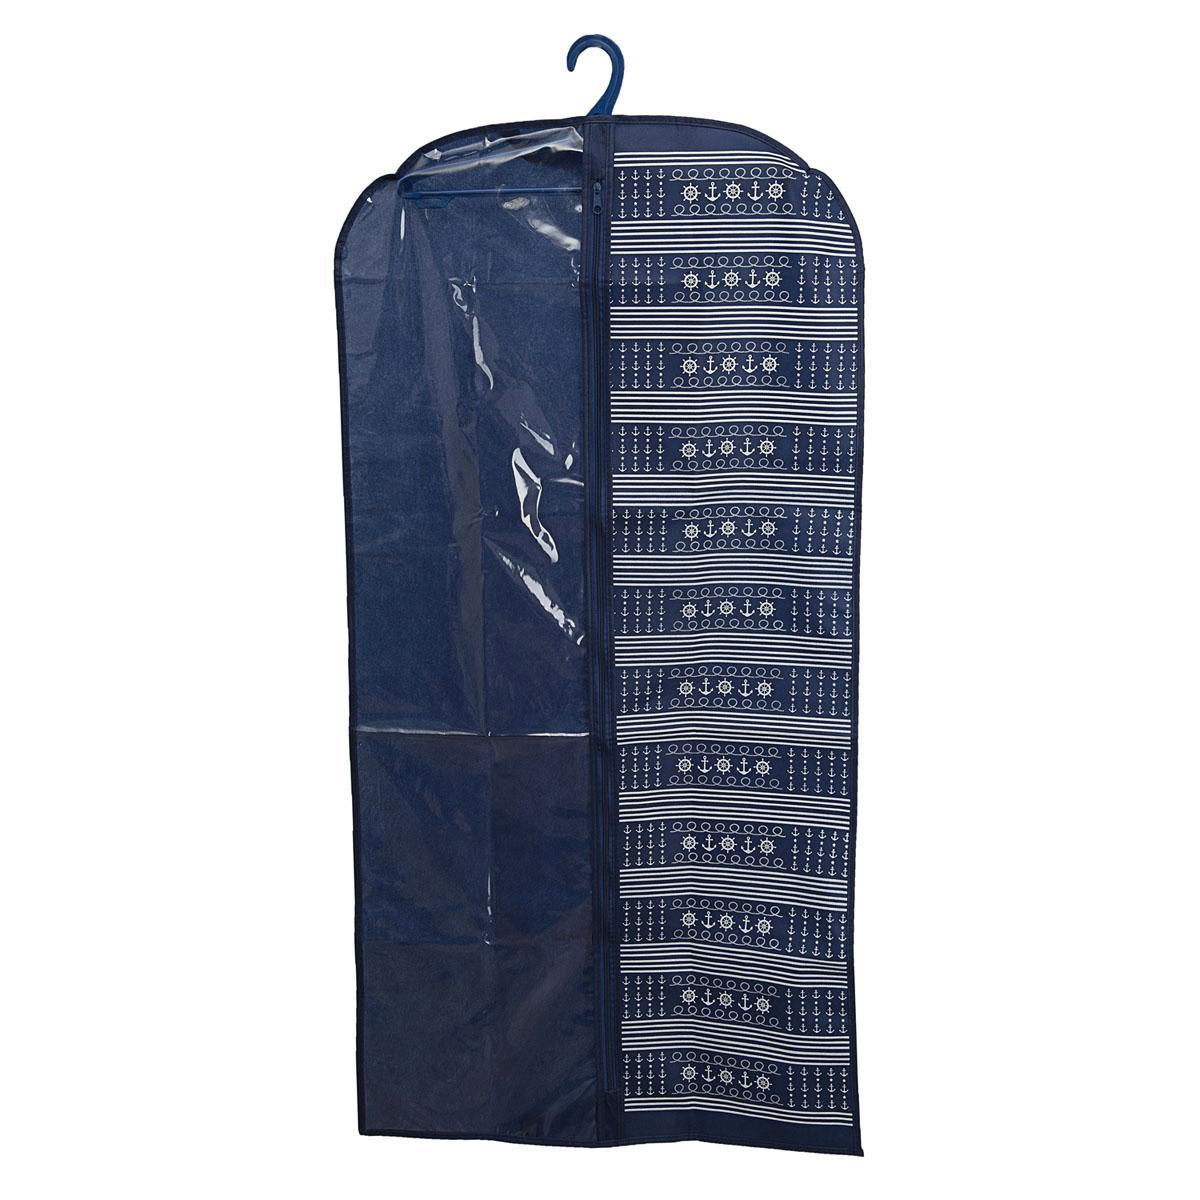 Чехол для одежды Homsu Ocean, подвесной, с прозрачной вставкой, 120 х 60 см41619Подвесной чехол для одежды Homsu Ocean на застежке-молнии выполнен из высококачественного нетканого материала. Чехол снабжен прозрачной вставкой из ПВХ, что позволяет легко просматривать содержимое. Изделие подходит для длительного хранения вещей.Чехол обеспечит вашей одежде надежную защиту от влажности, повреждений и грязи при транспортировке, от запыления при хранении и проникновения моли. Чехол позволяет воздуху свободно поступать внутрь вещей, обеспечивая их кондиционирование. Это особенно важно при хранении кожаных и меховых изделий.Чехол для одежды Homsu Ocean создаст уютную атмосферу в гардеробе. Лаконичный дизайн придется по вкусу ценительницам эстетичного хранения и сделают вашу гардеробную изысканной и невероятно стильной.Размер чехла: 120 х 60 см.